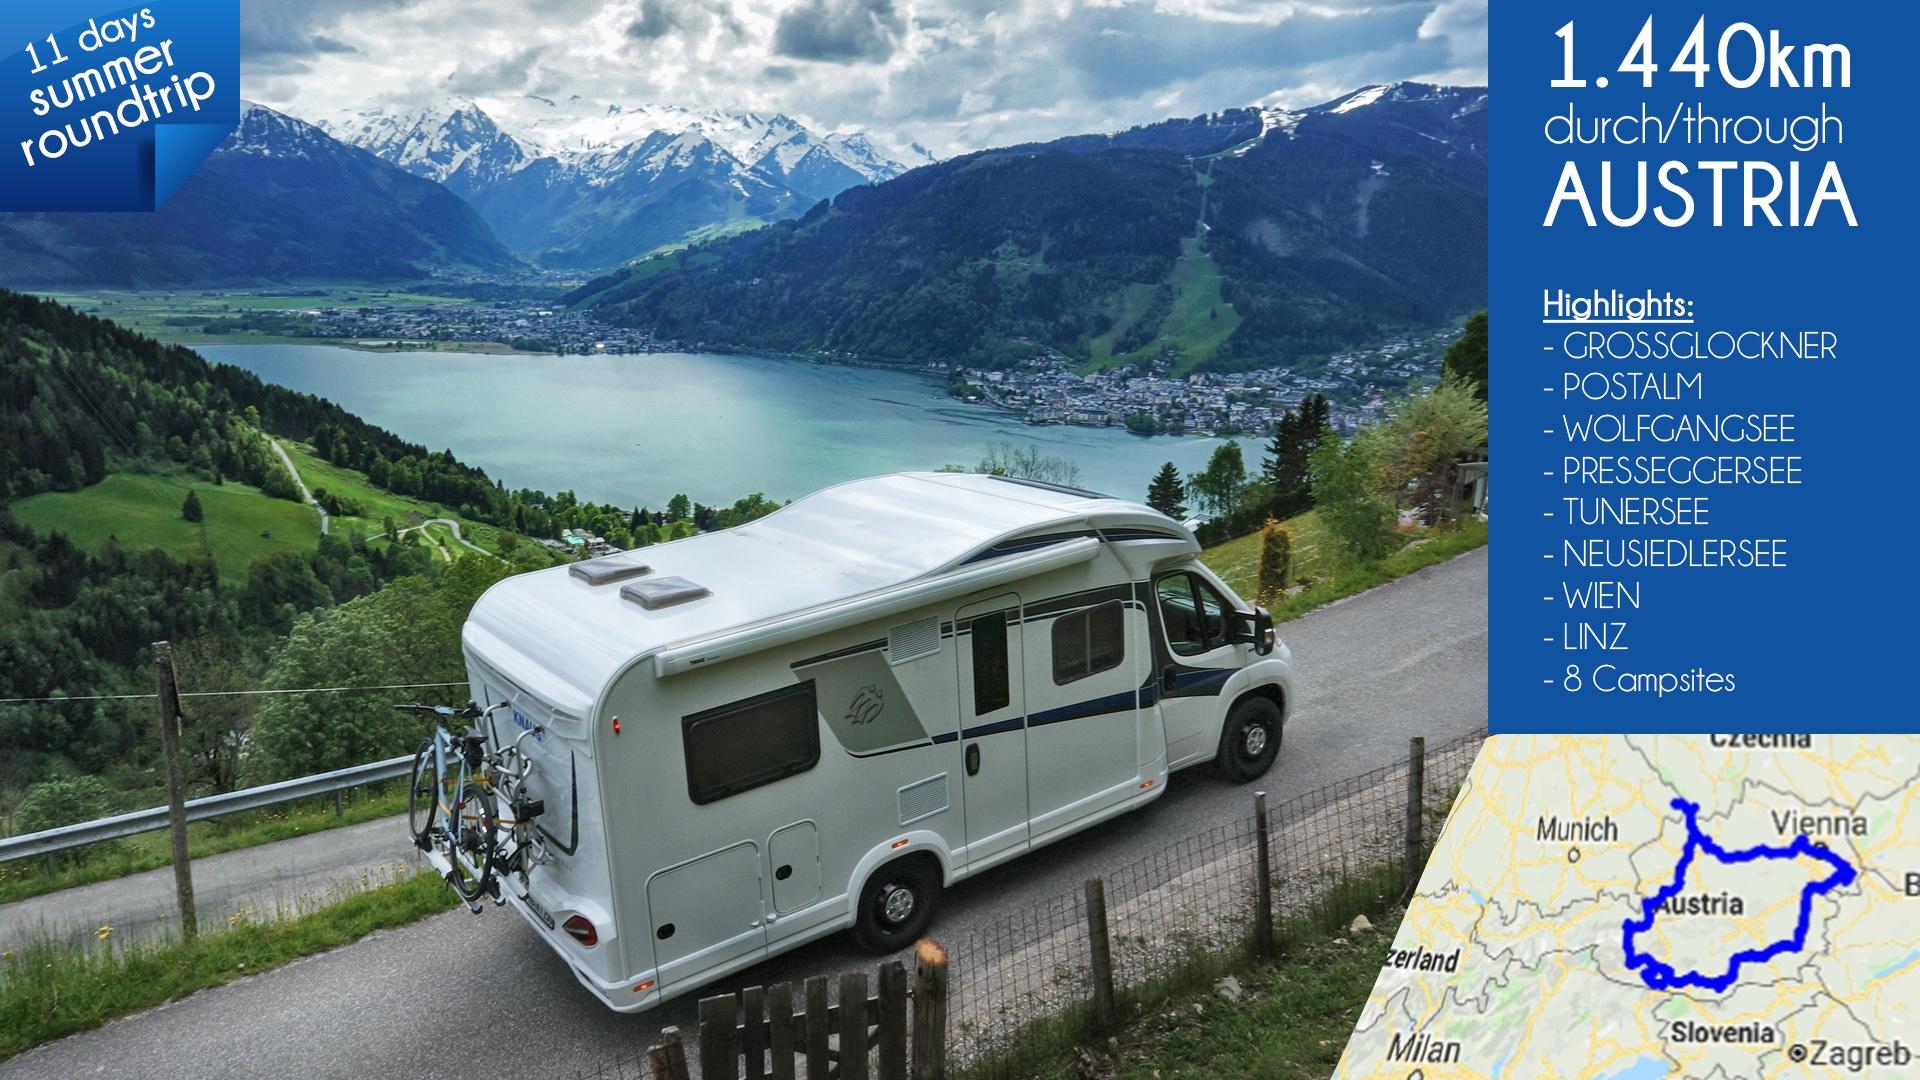 Knaus-Sky-Wave-Austria-Tour-Vlog Foto-Tour durch Österreich mit dem Wohnmobil / Videobericht - Storytelling